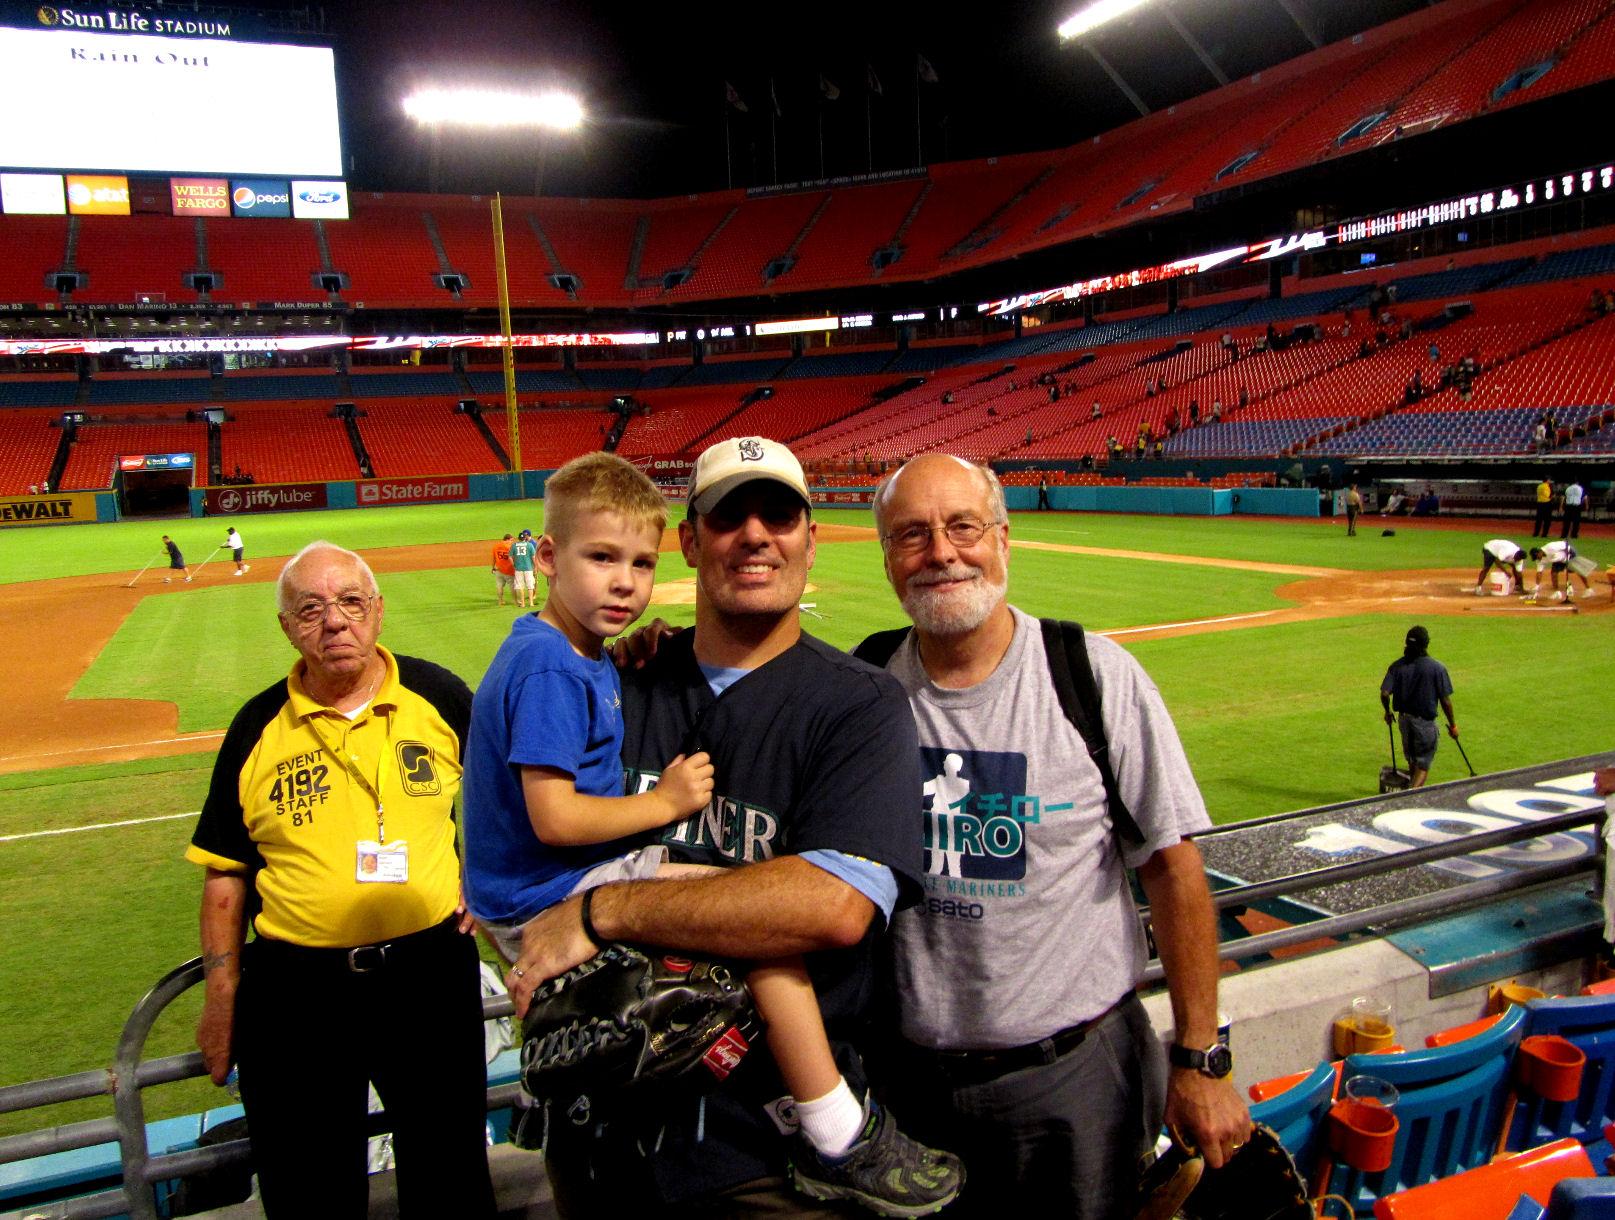 Roadtrip « Cook & Son Bats' Blog